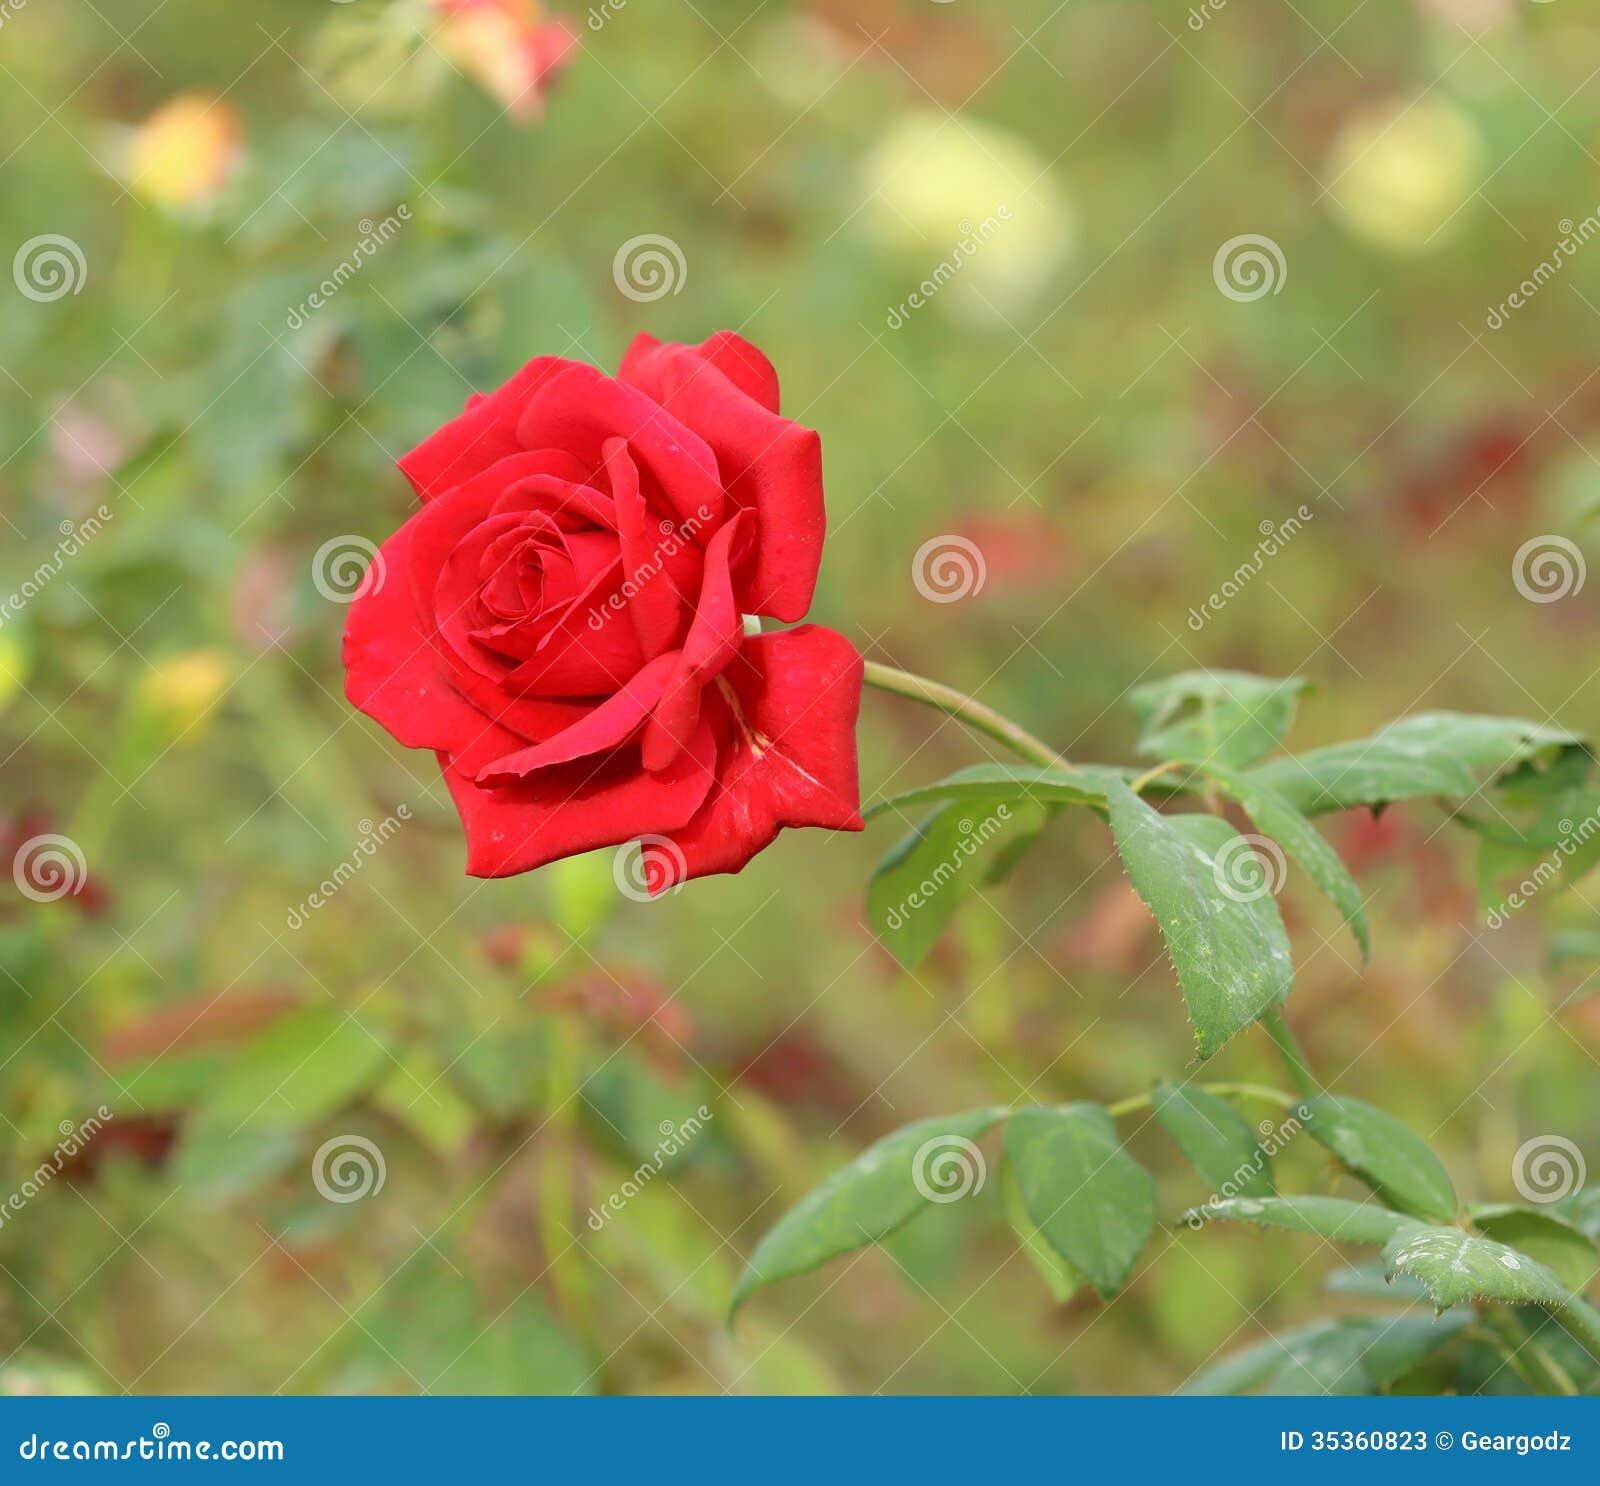 Rose flower garden pictures - Bush Flower Garden Rose